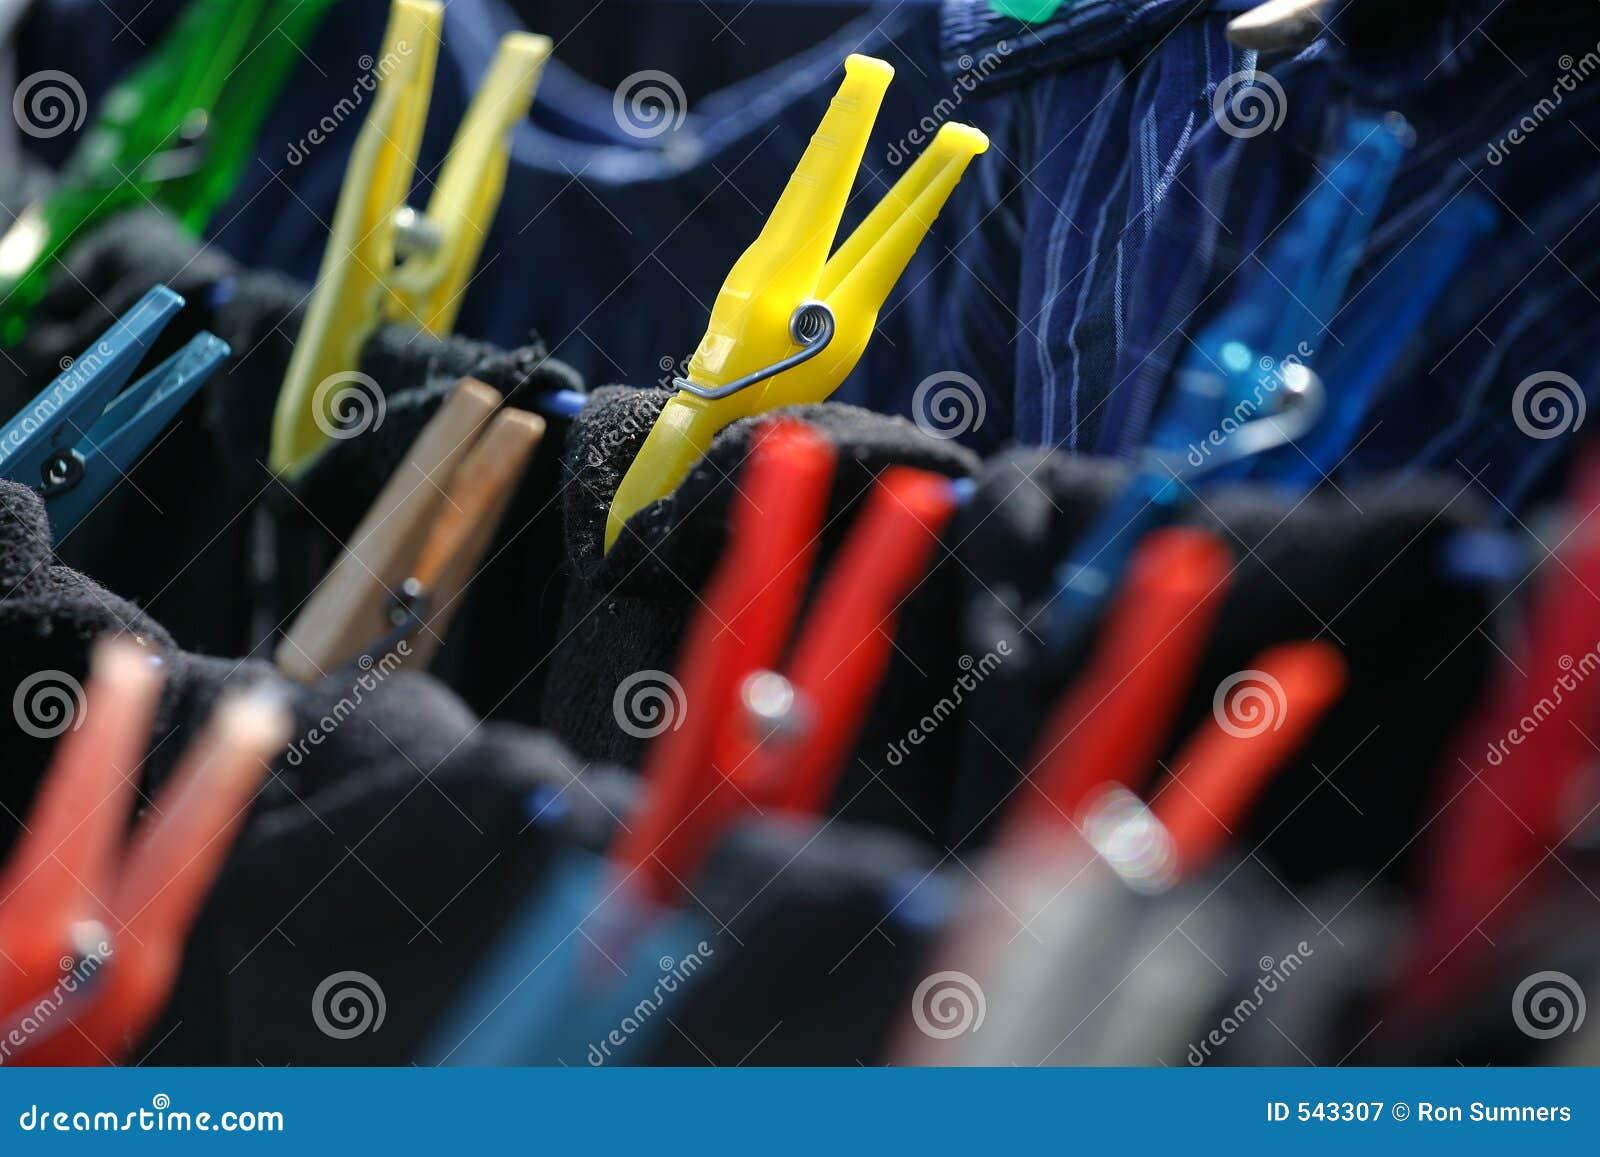 Clothespins no clothesline